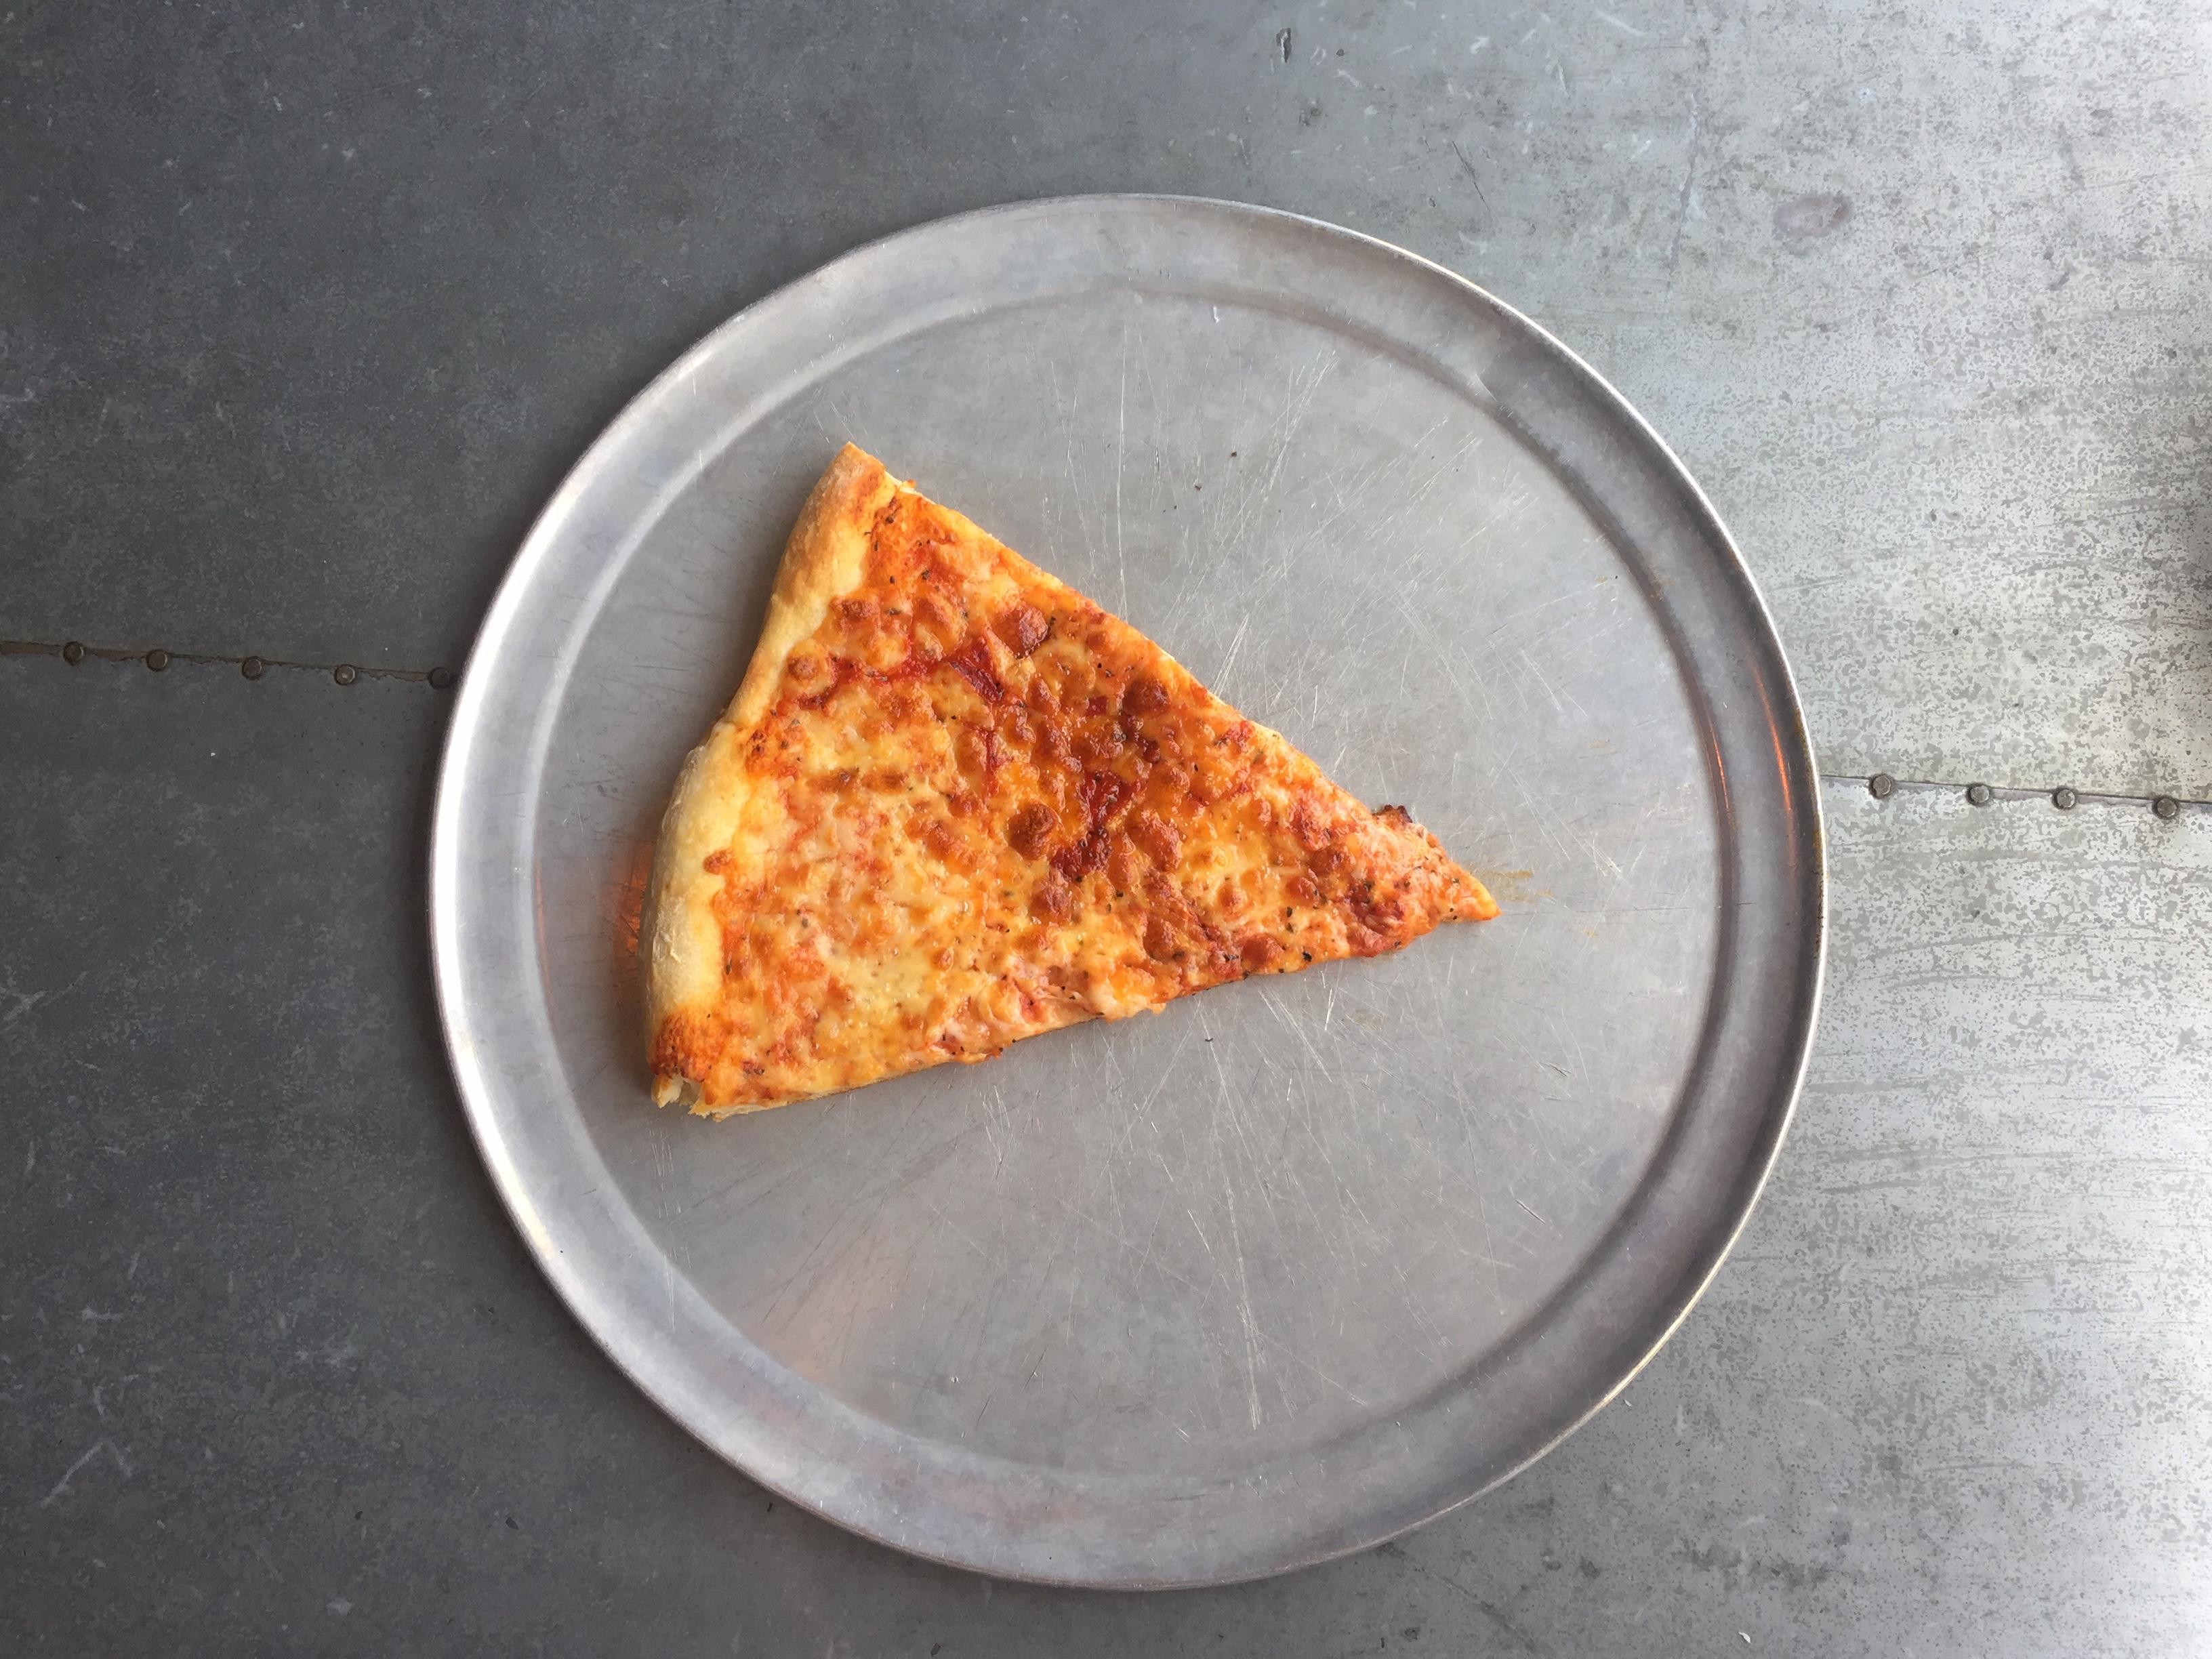 Aniellos Pizza